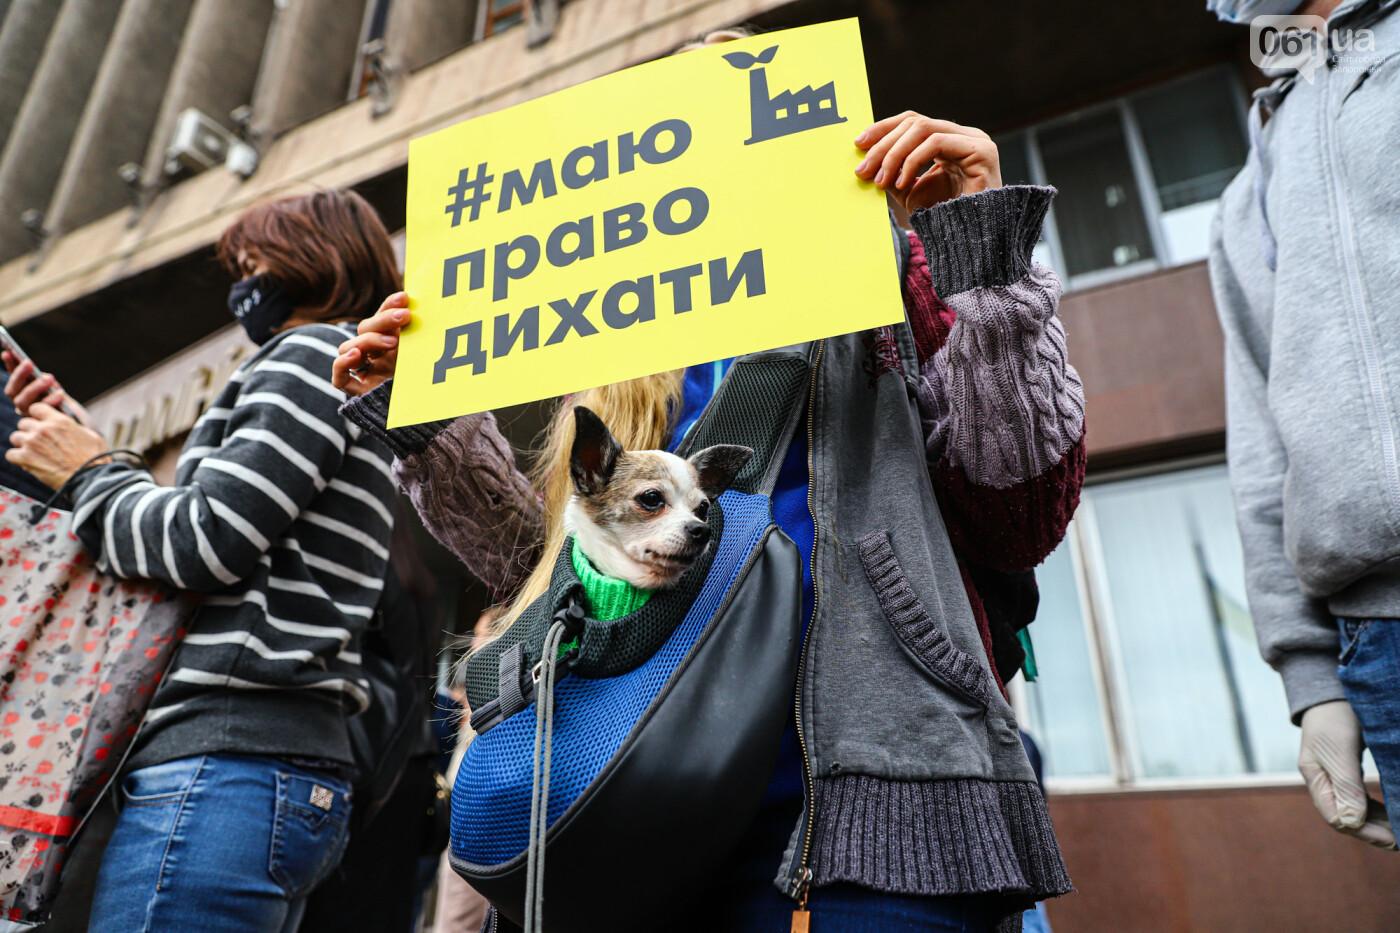 Маю право дихати: тысячи запорожцев вышли на экологический митинг, ФОТО, ВИДЕО, фото-45